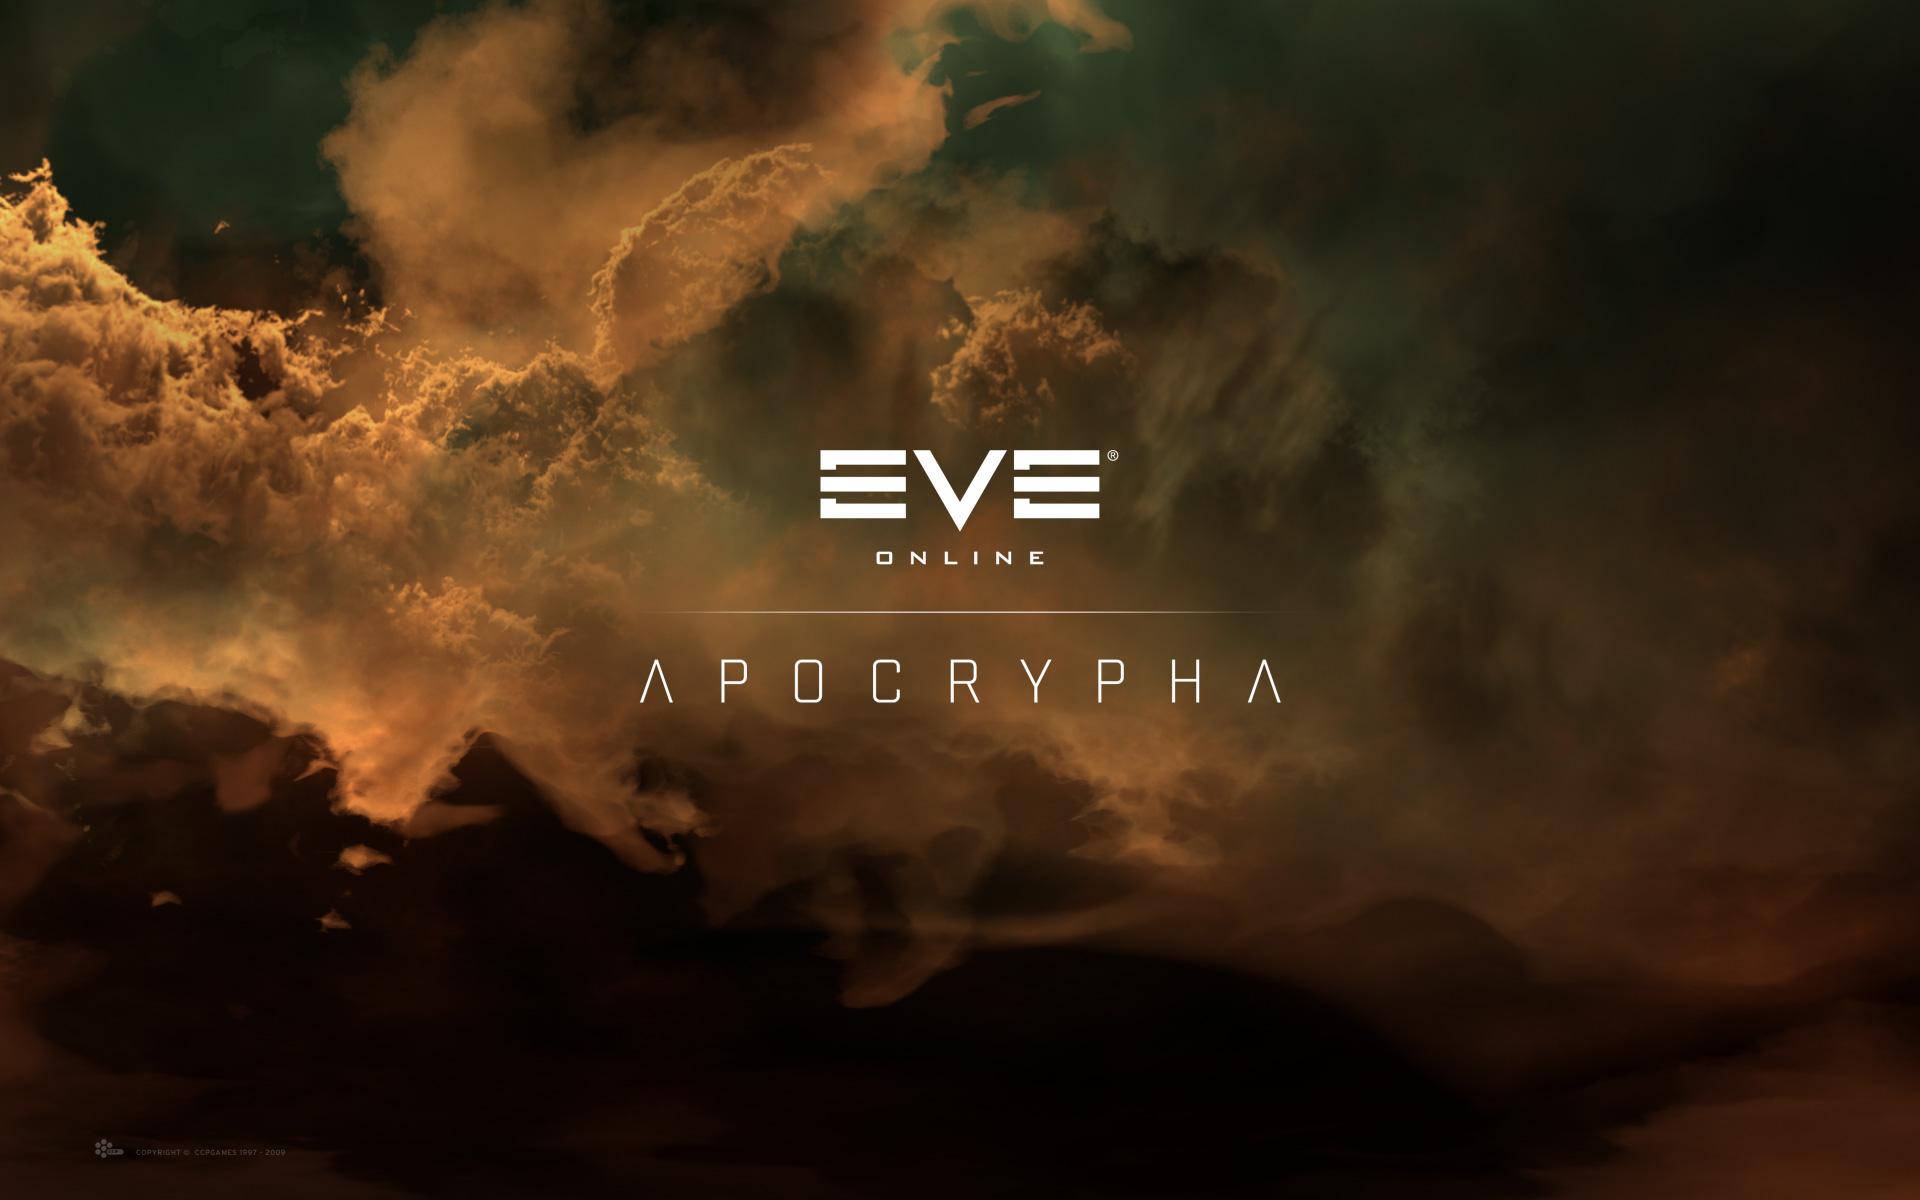 EVE Online wallpaper 2